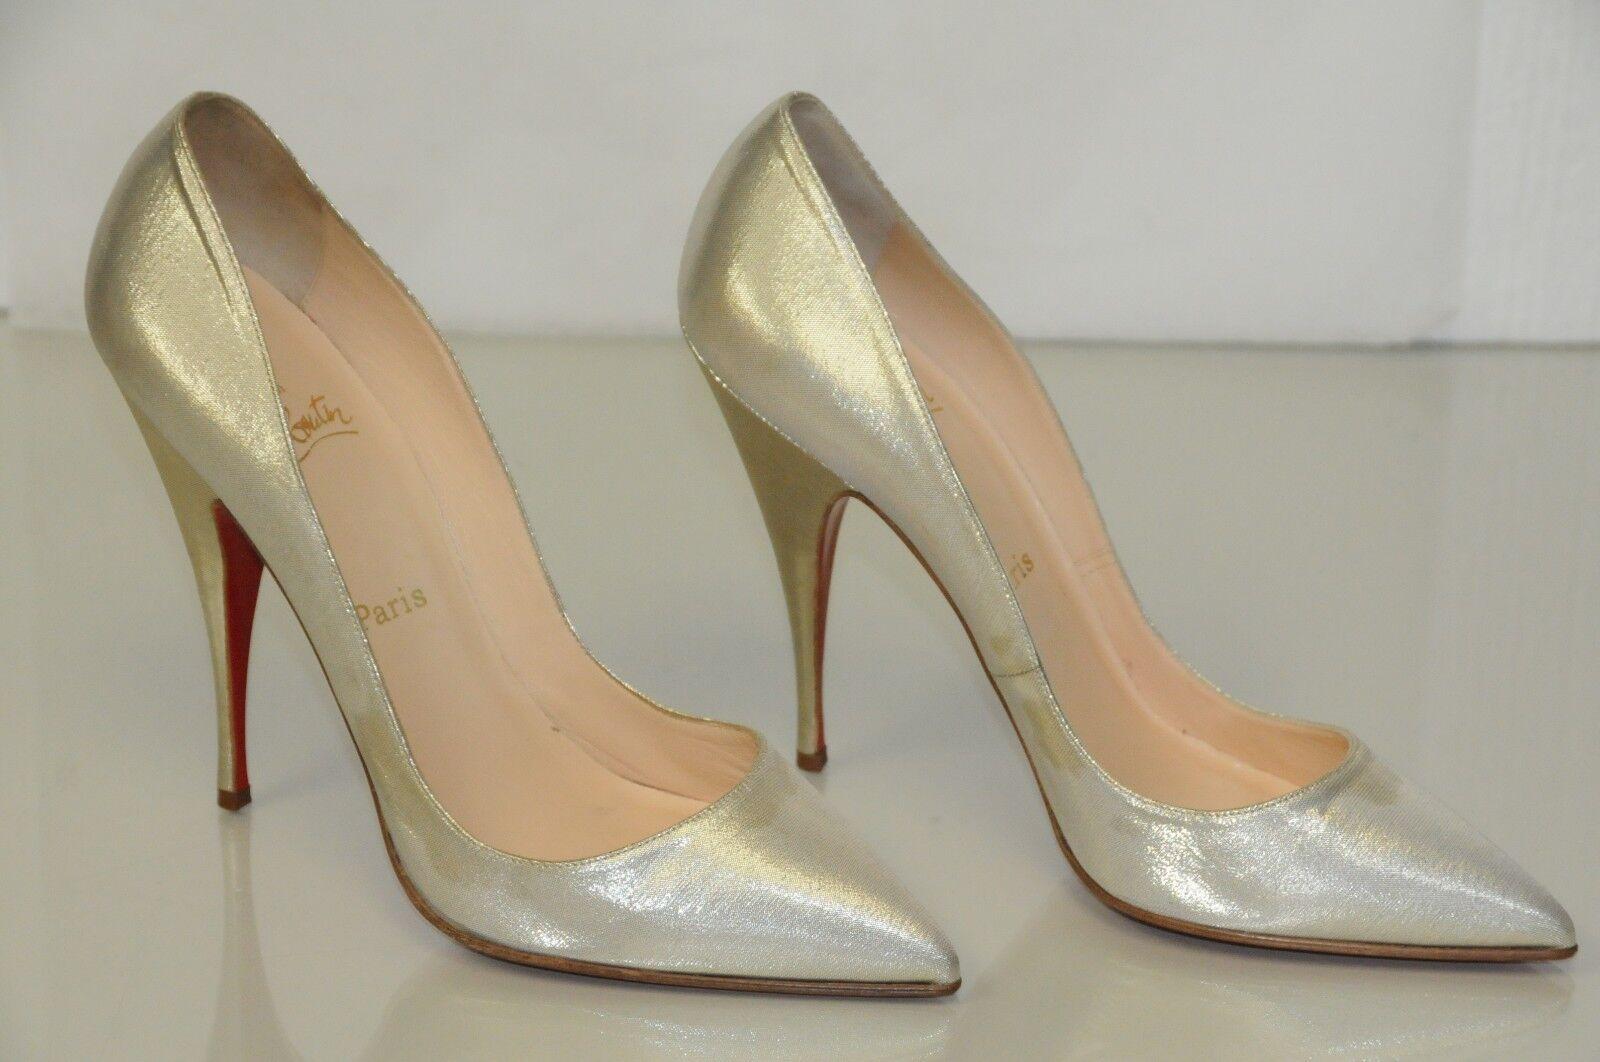 Neu Lame Christian Louboutin Pumps Hell Gold Schimmer Lame Neu Absatz Schuhe 39 1f24ae